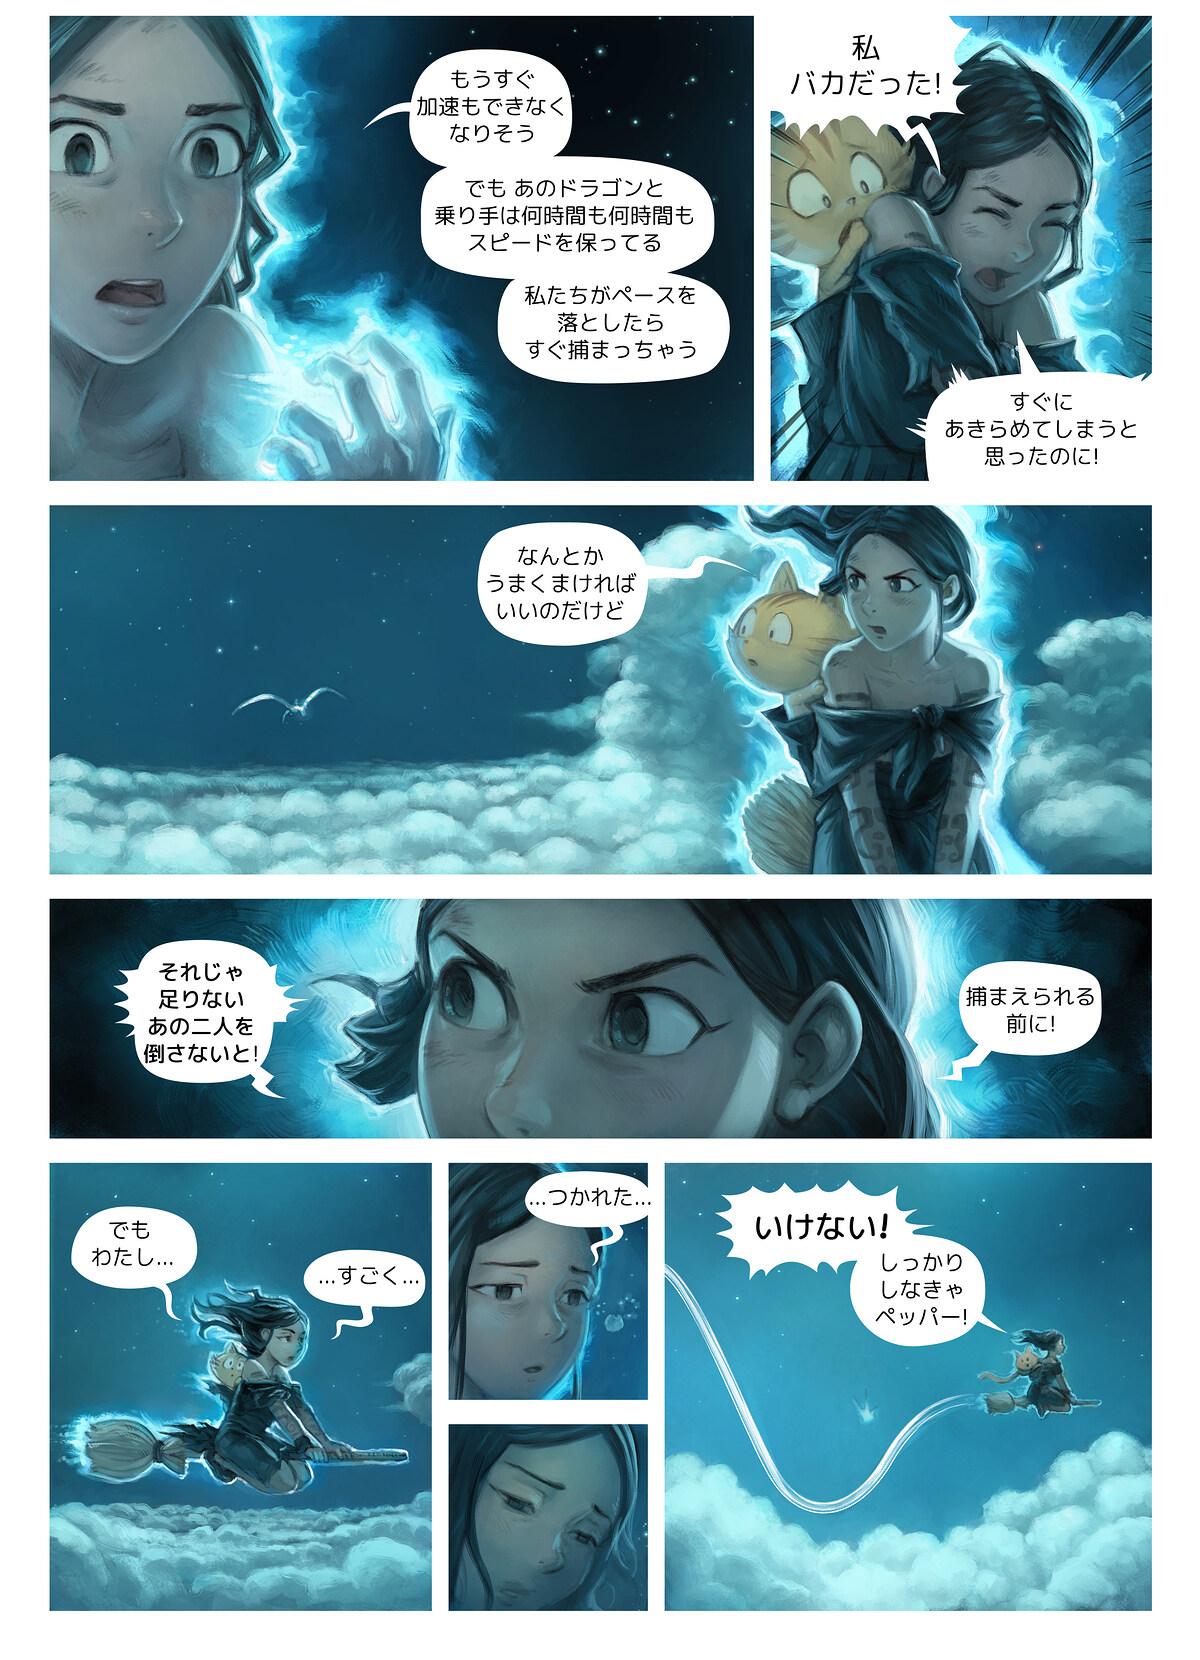 エピソード 35: 鏡像, ページ 2